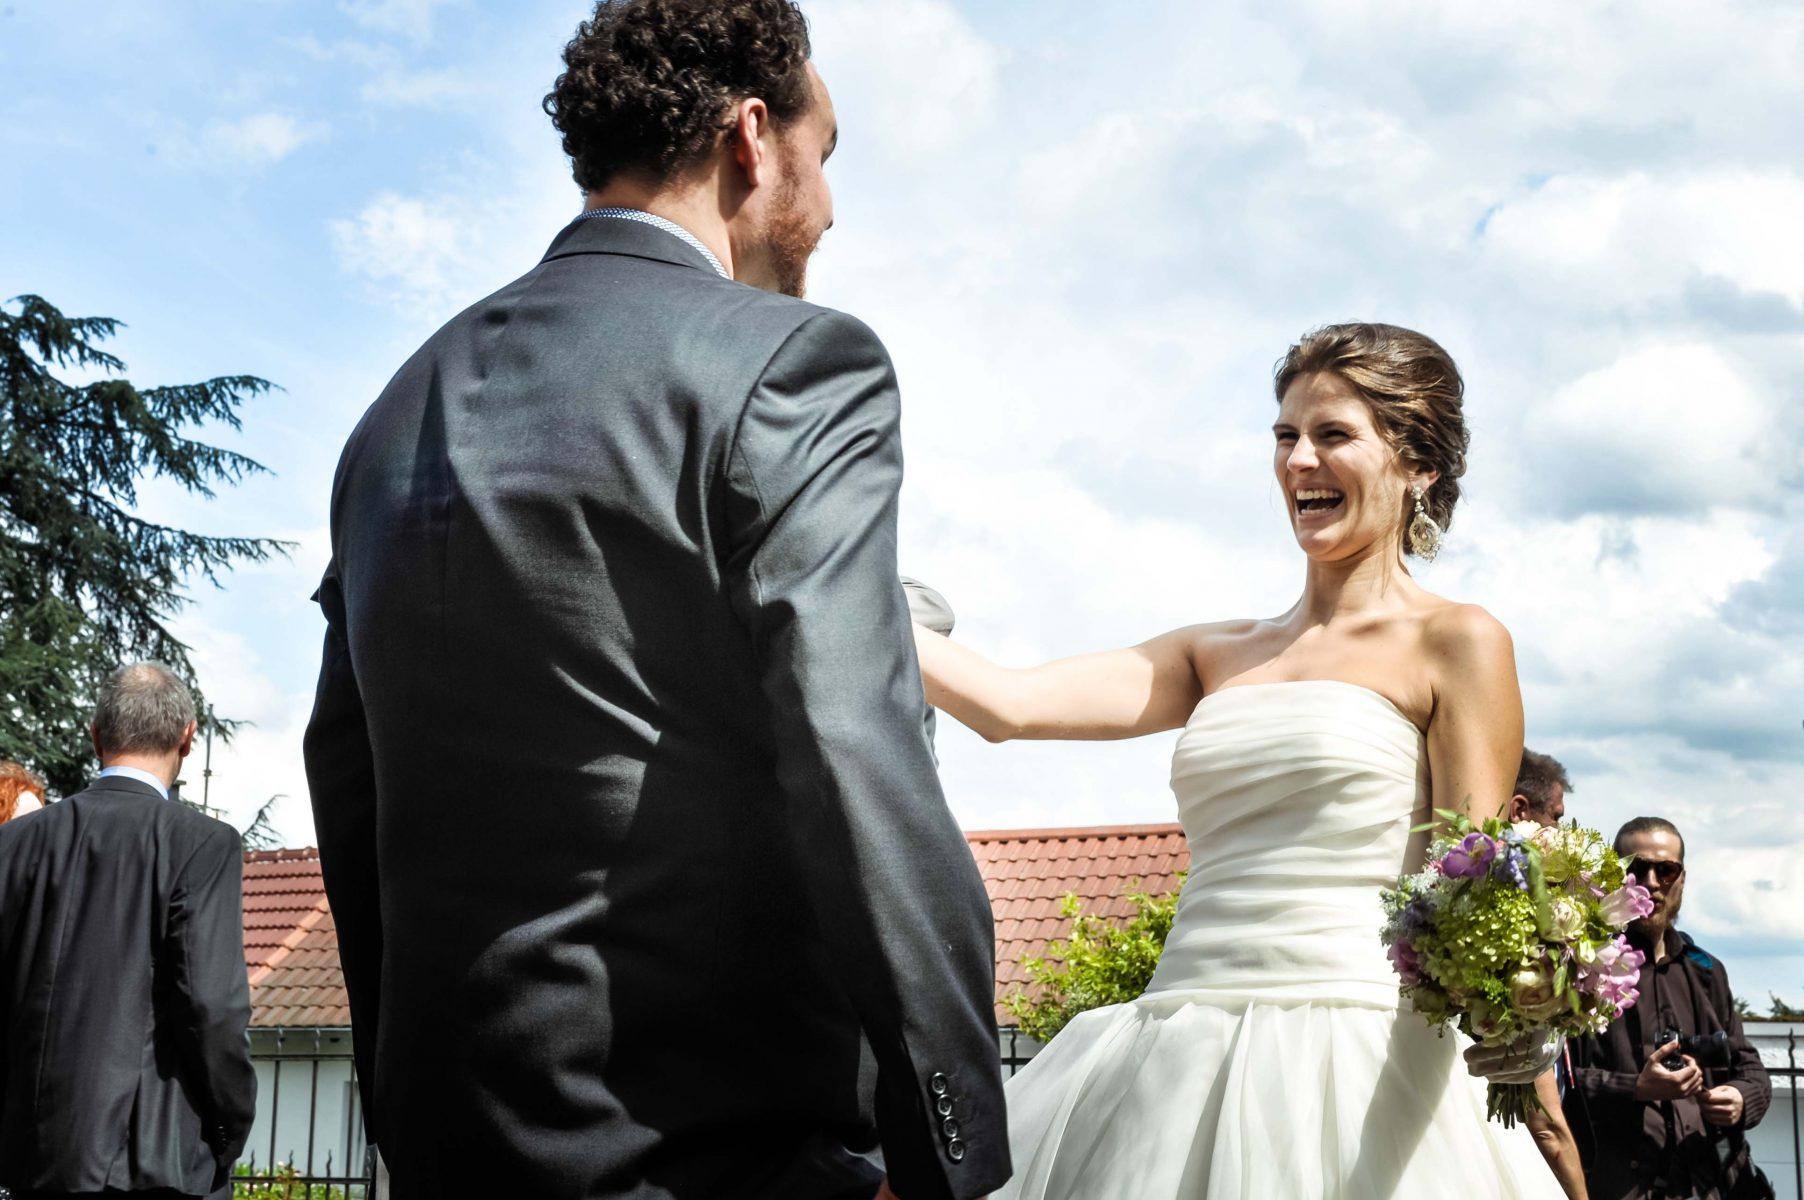 Hochzeit Gratulation B2000 222020 1804x1200 - GRATULATION & EMOTION